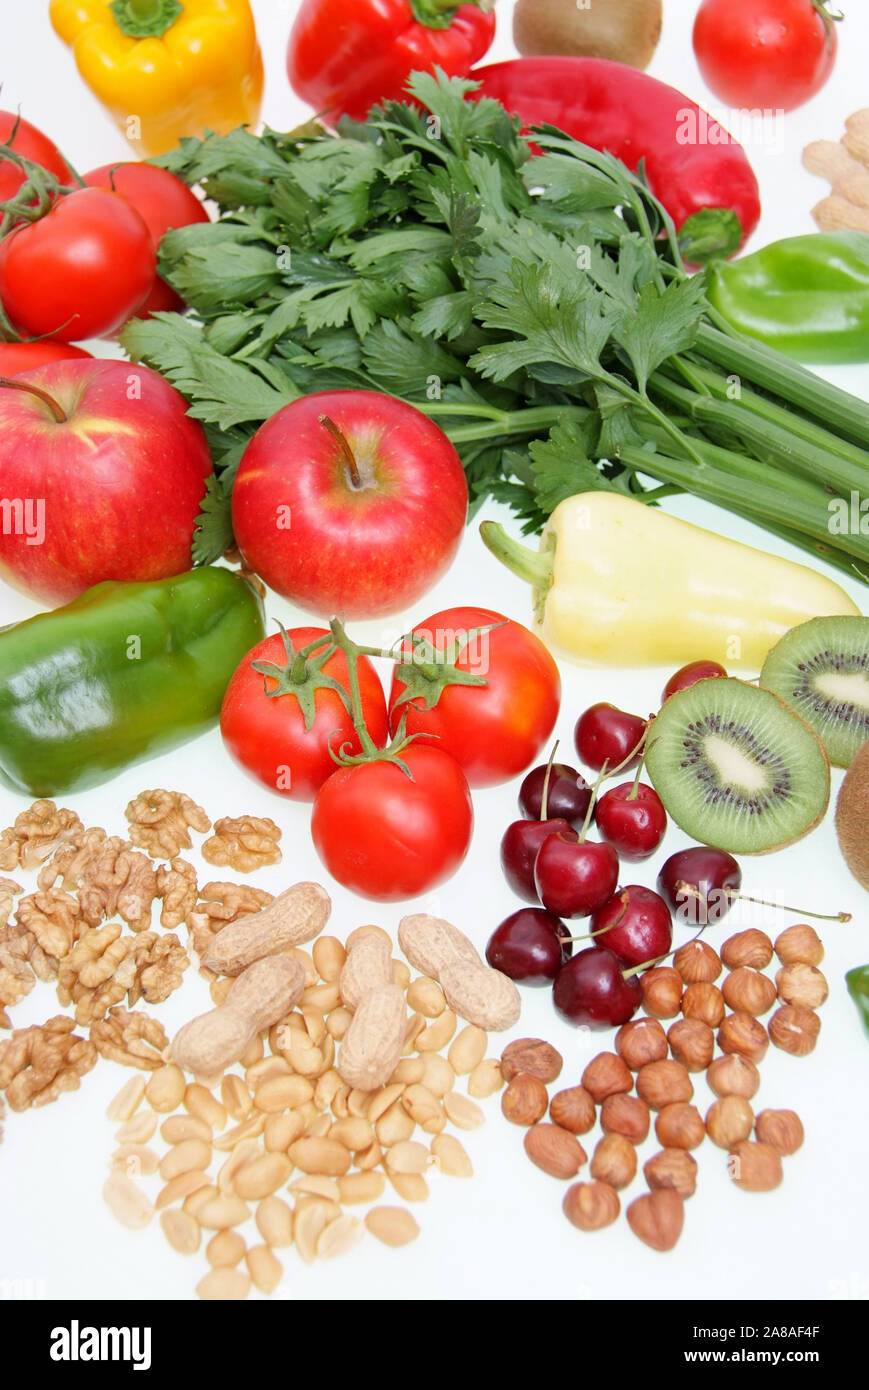 Symbolfoto gesunde Ernährung, Obst, Gemüse, Nüsse, Kirschen, Erdnüsse, Paproka, Tomaten, Rettich, Walnüsse, Kiwi, Apfel, Stock Photo